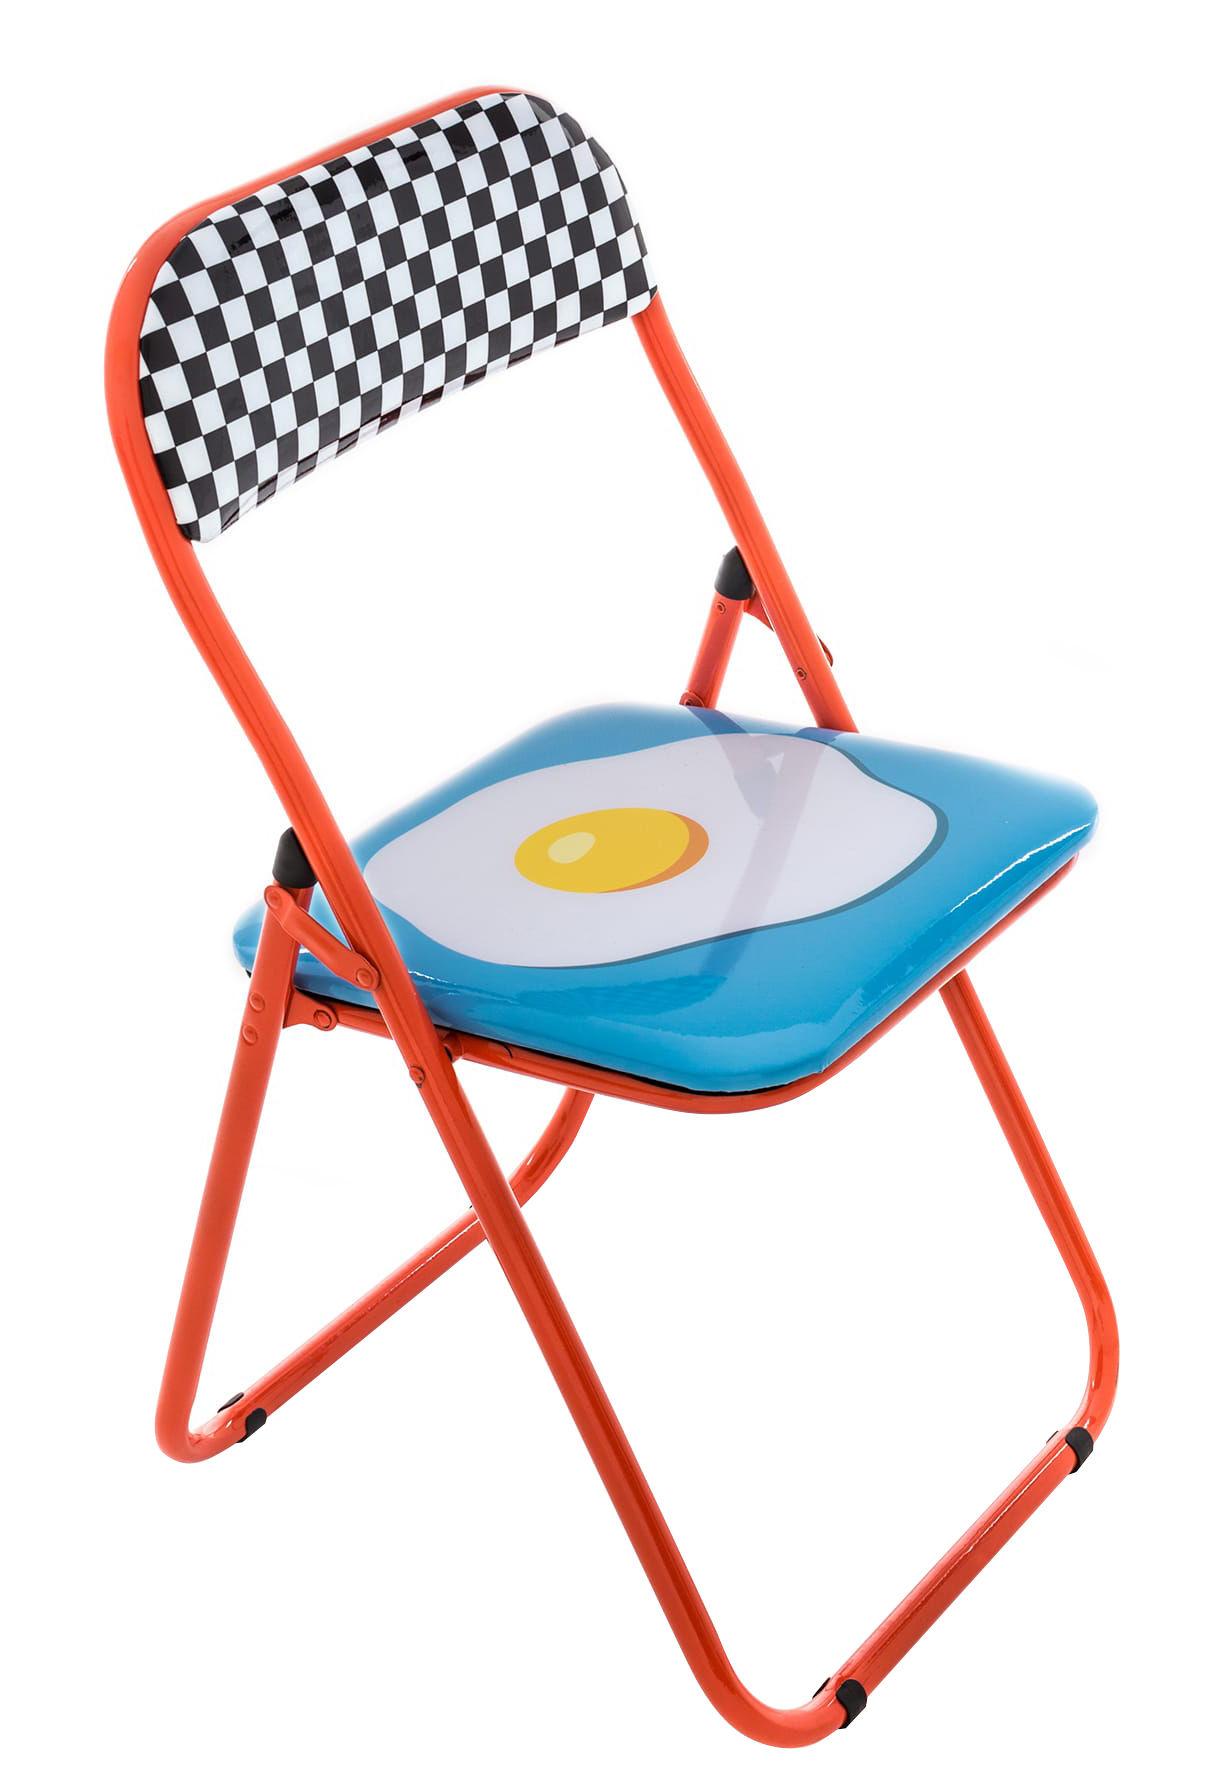 Mobilier - Chaises, fauteuils de salle à manger - Chaise pliante Œuf / rembourrée - Seletti - Œuf - Métal, Mousse, PVC